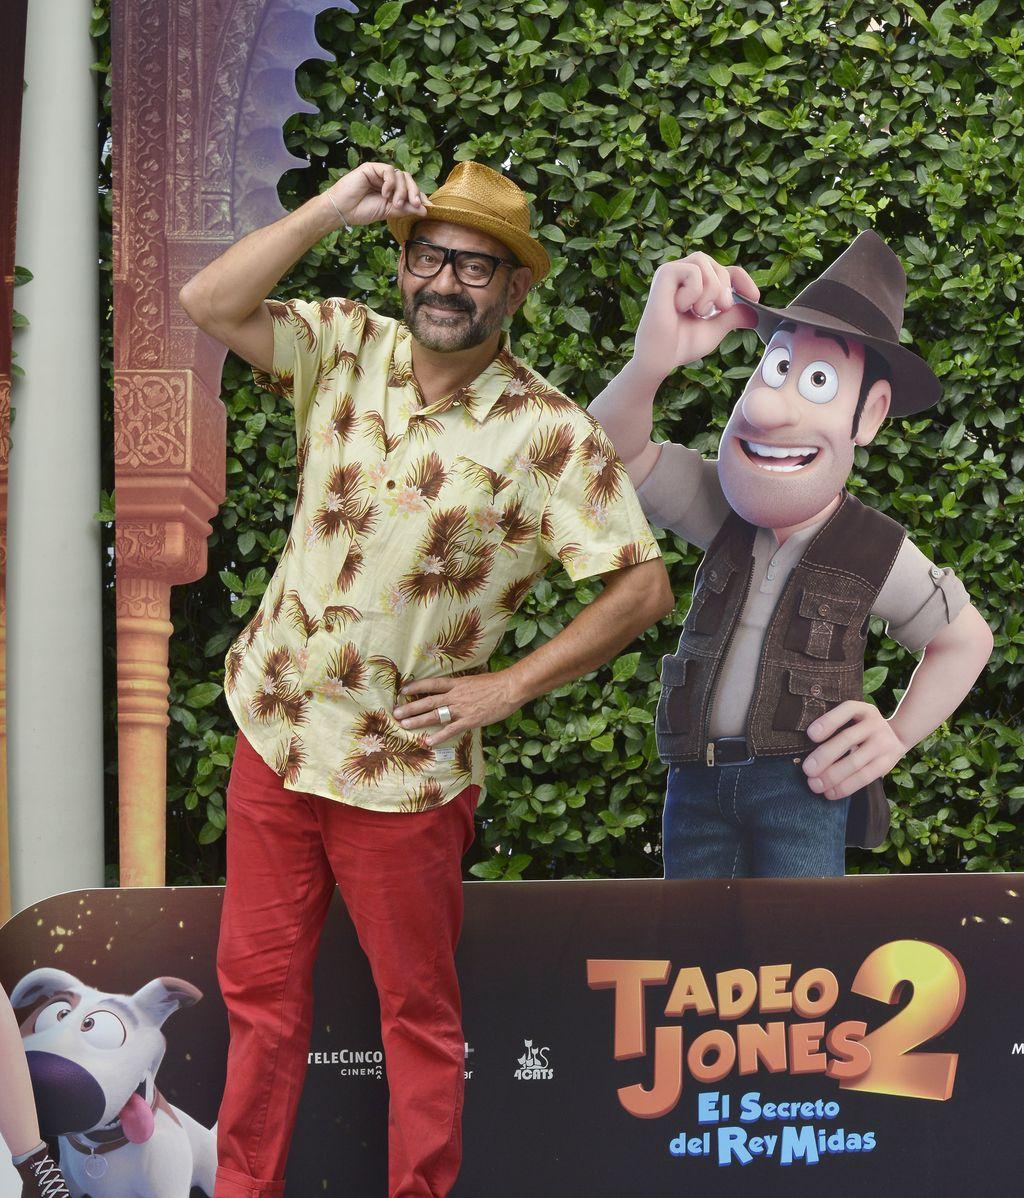 José Corbacho en el estreno de Tadeo Jones 2: 'El secreto del rey Midas'